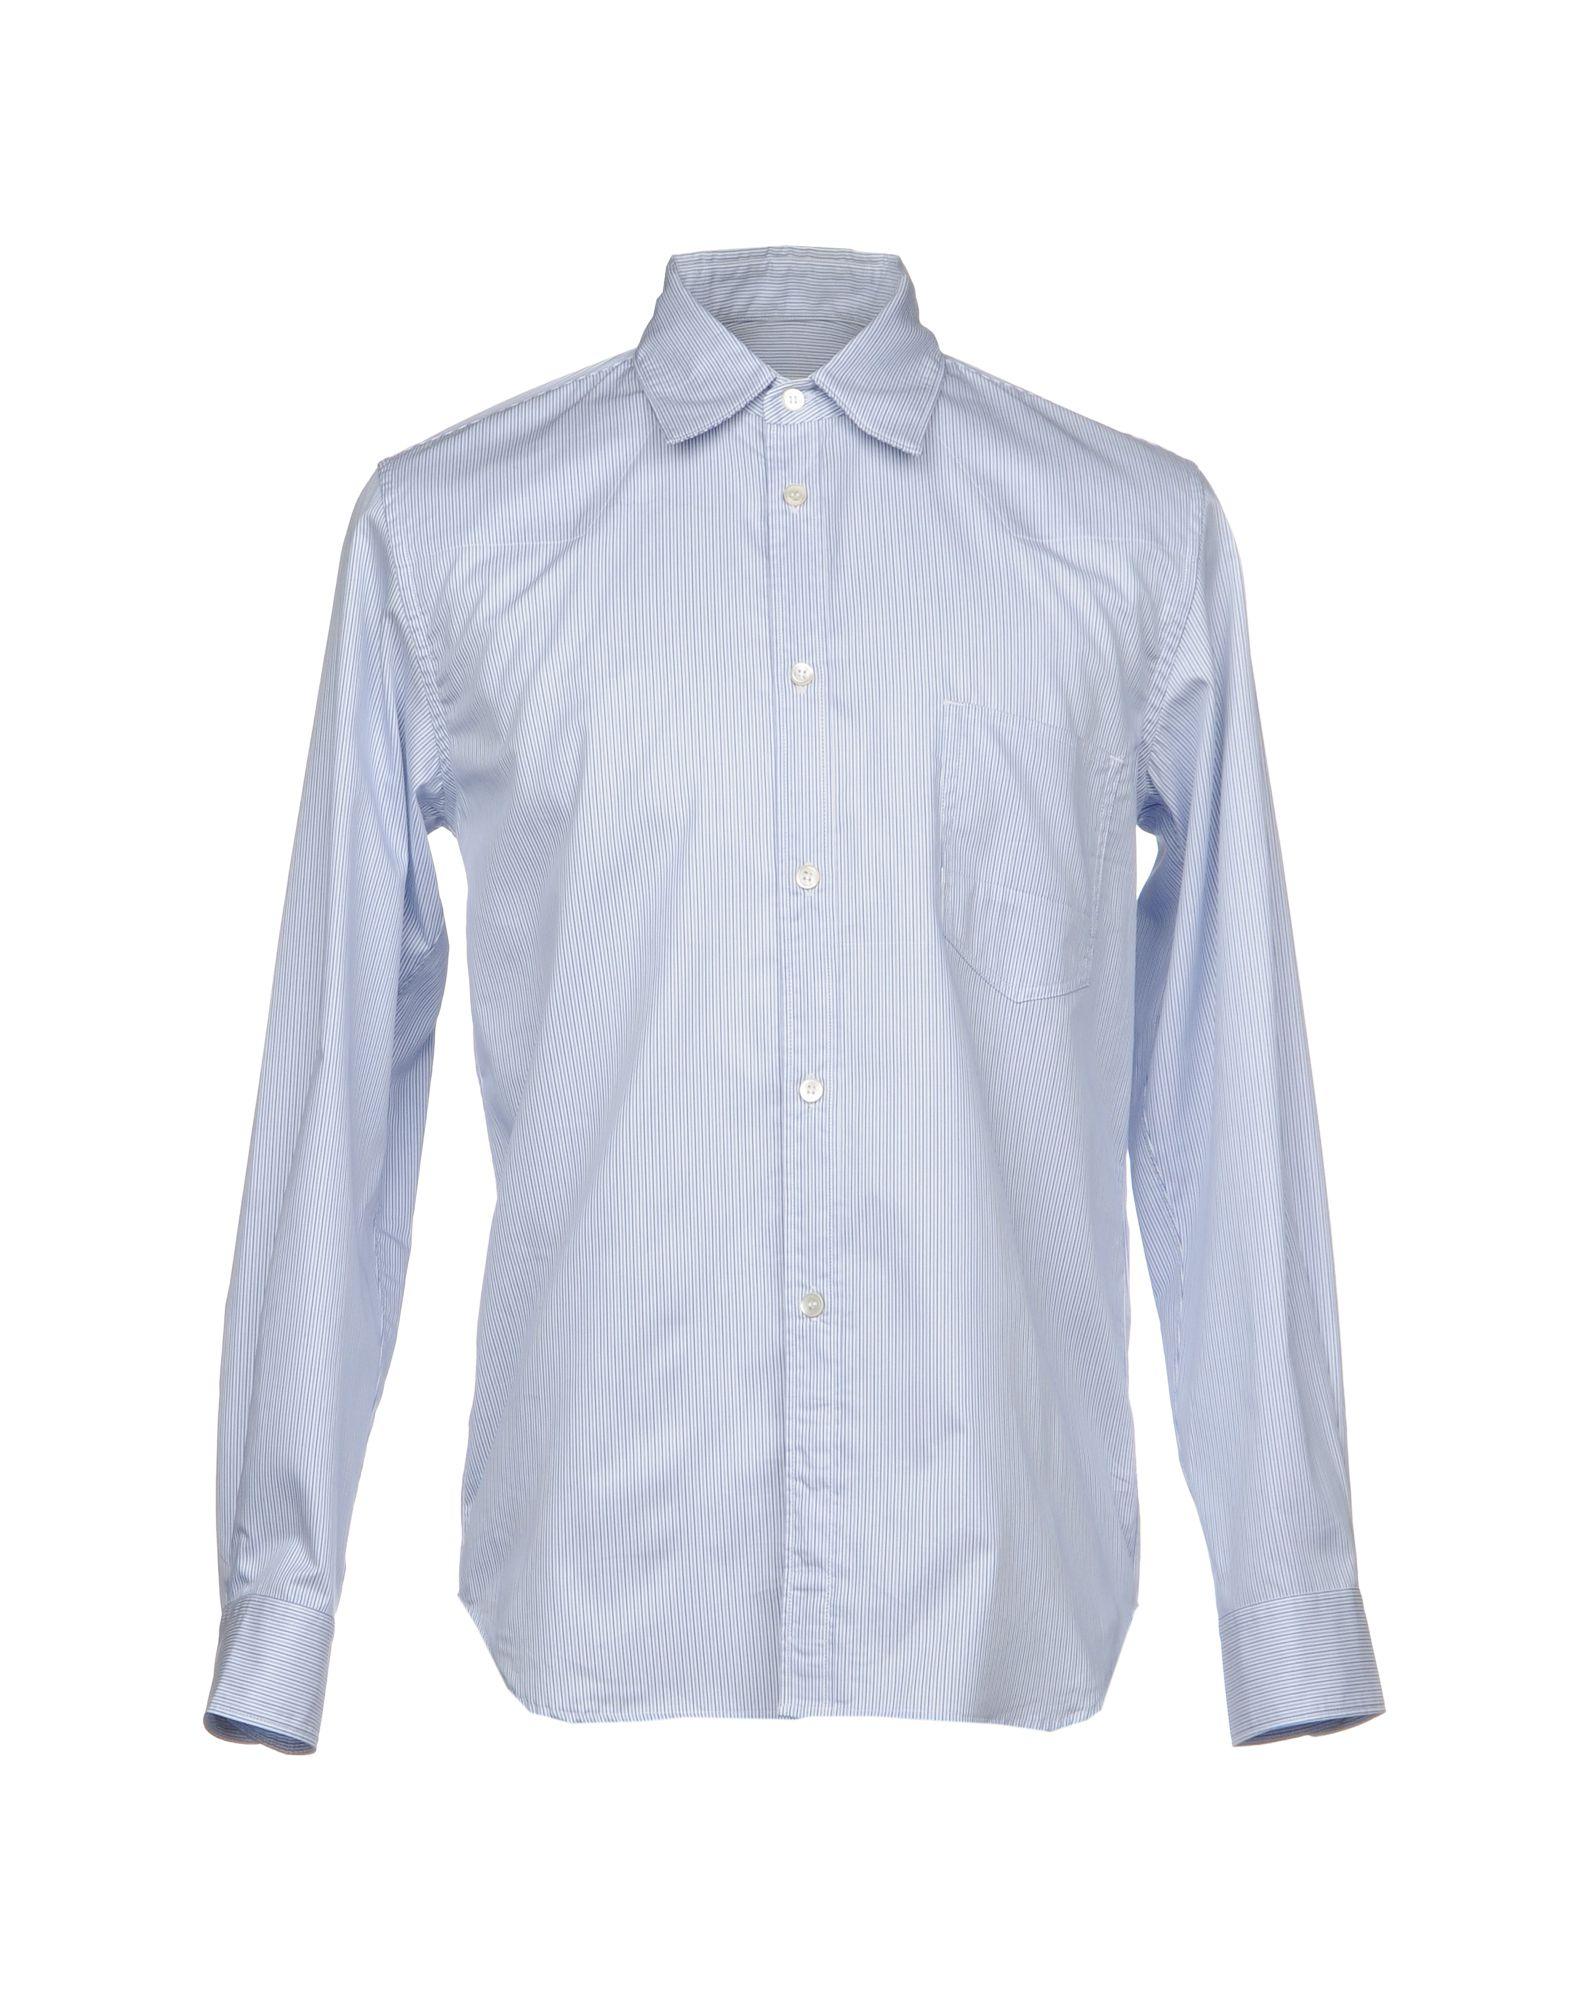 GOLDEN GOOSE DELUXE BRAND Herren Hemd Farbe Blau Größe 4 - broschei